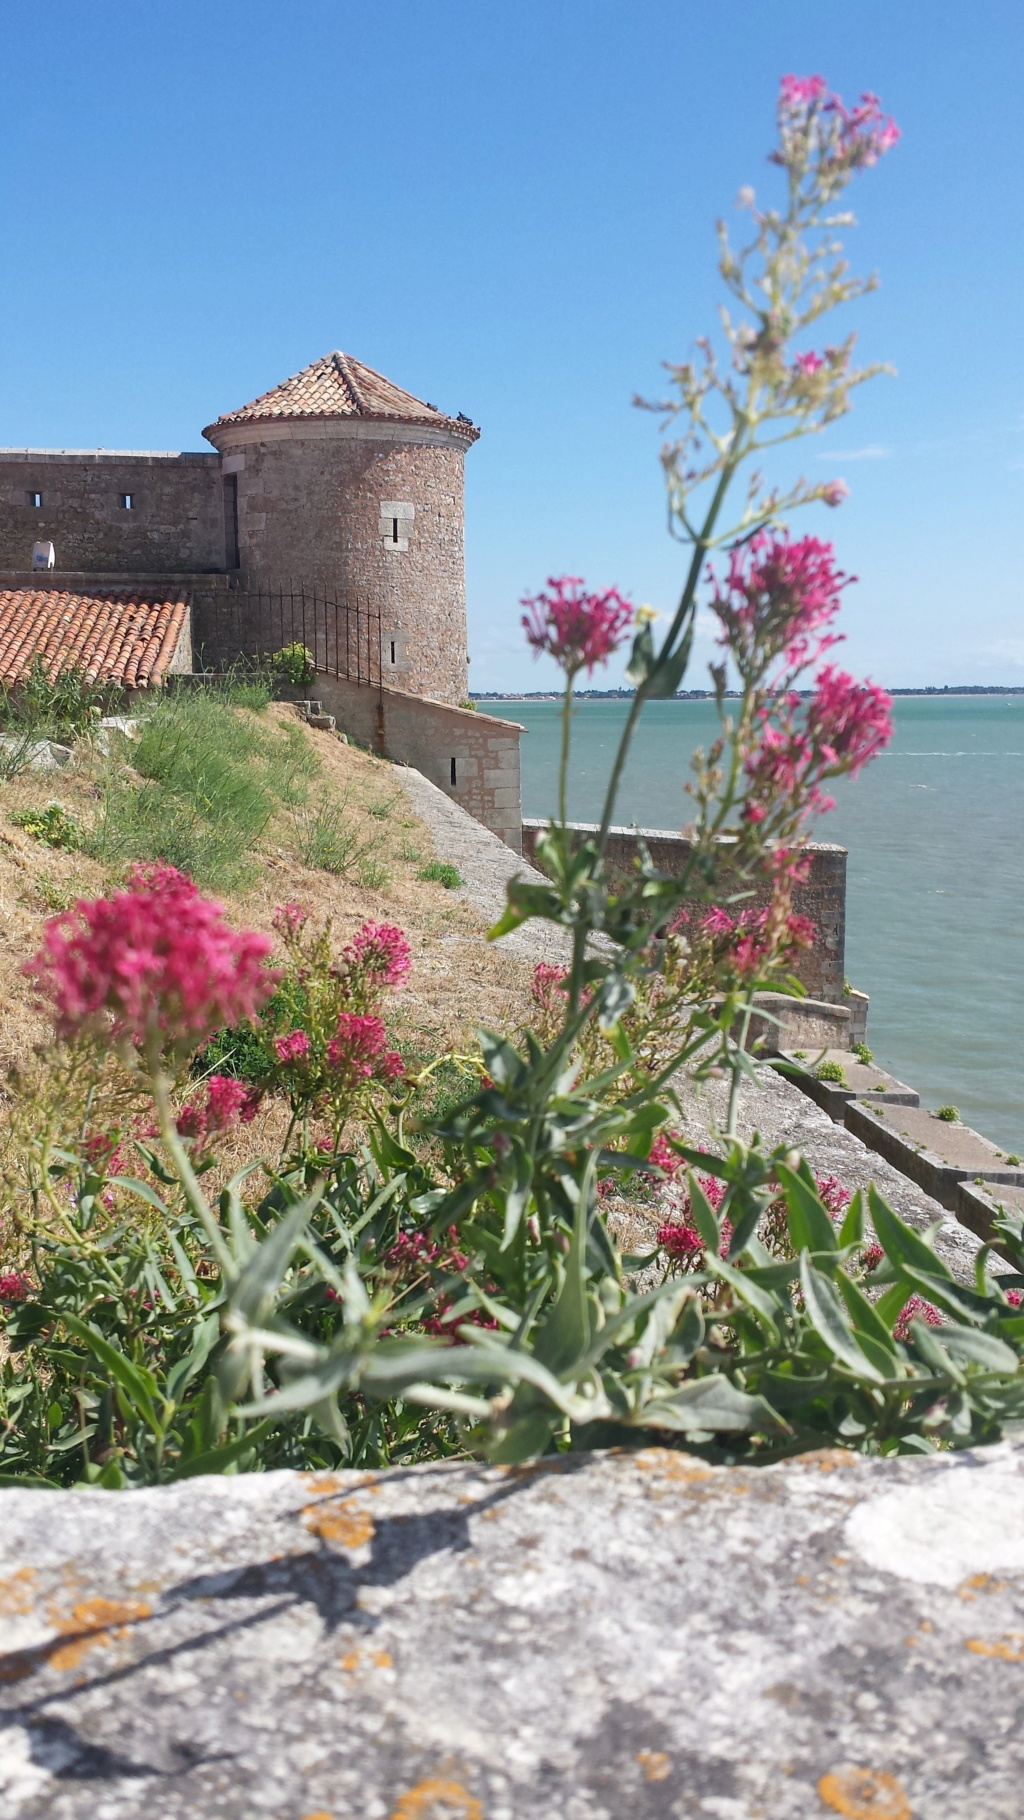 IRL Internationale , toute la France, 6 au 10 Aout, en Charentes Maritimes Face à Fort Boyard, sur une ile, des partants ? - Page 3 20180811